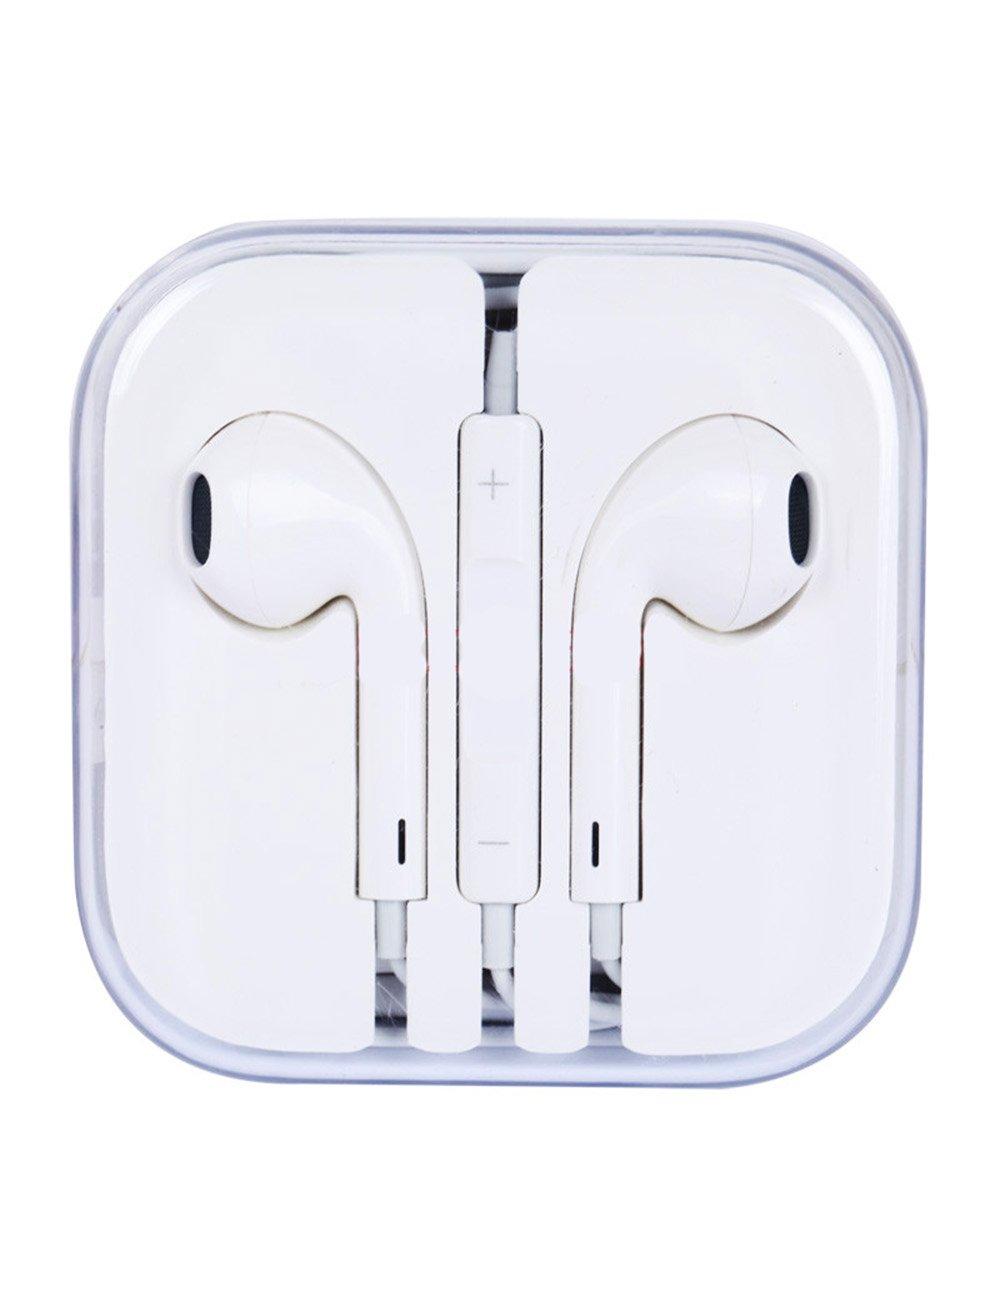 dush德氏原料线控语音苹果适用于iphone4/4s/iphone5/ipod/ipad耳机海藻图片